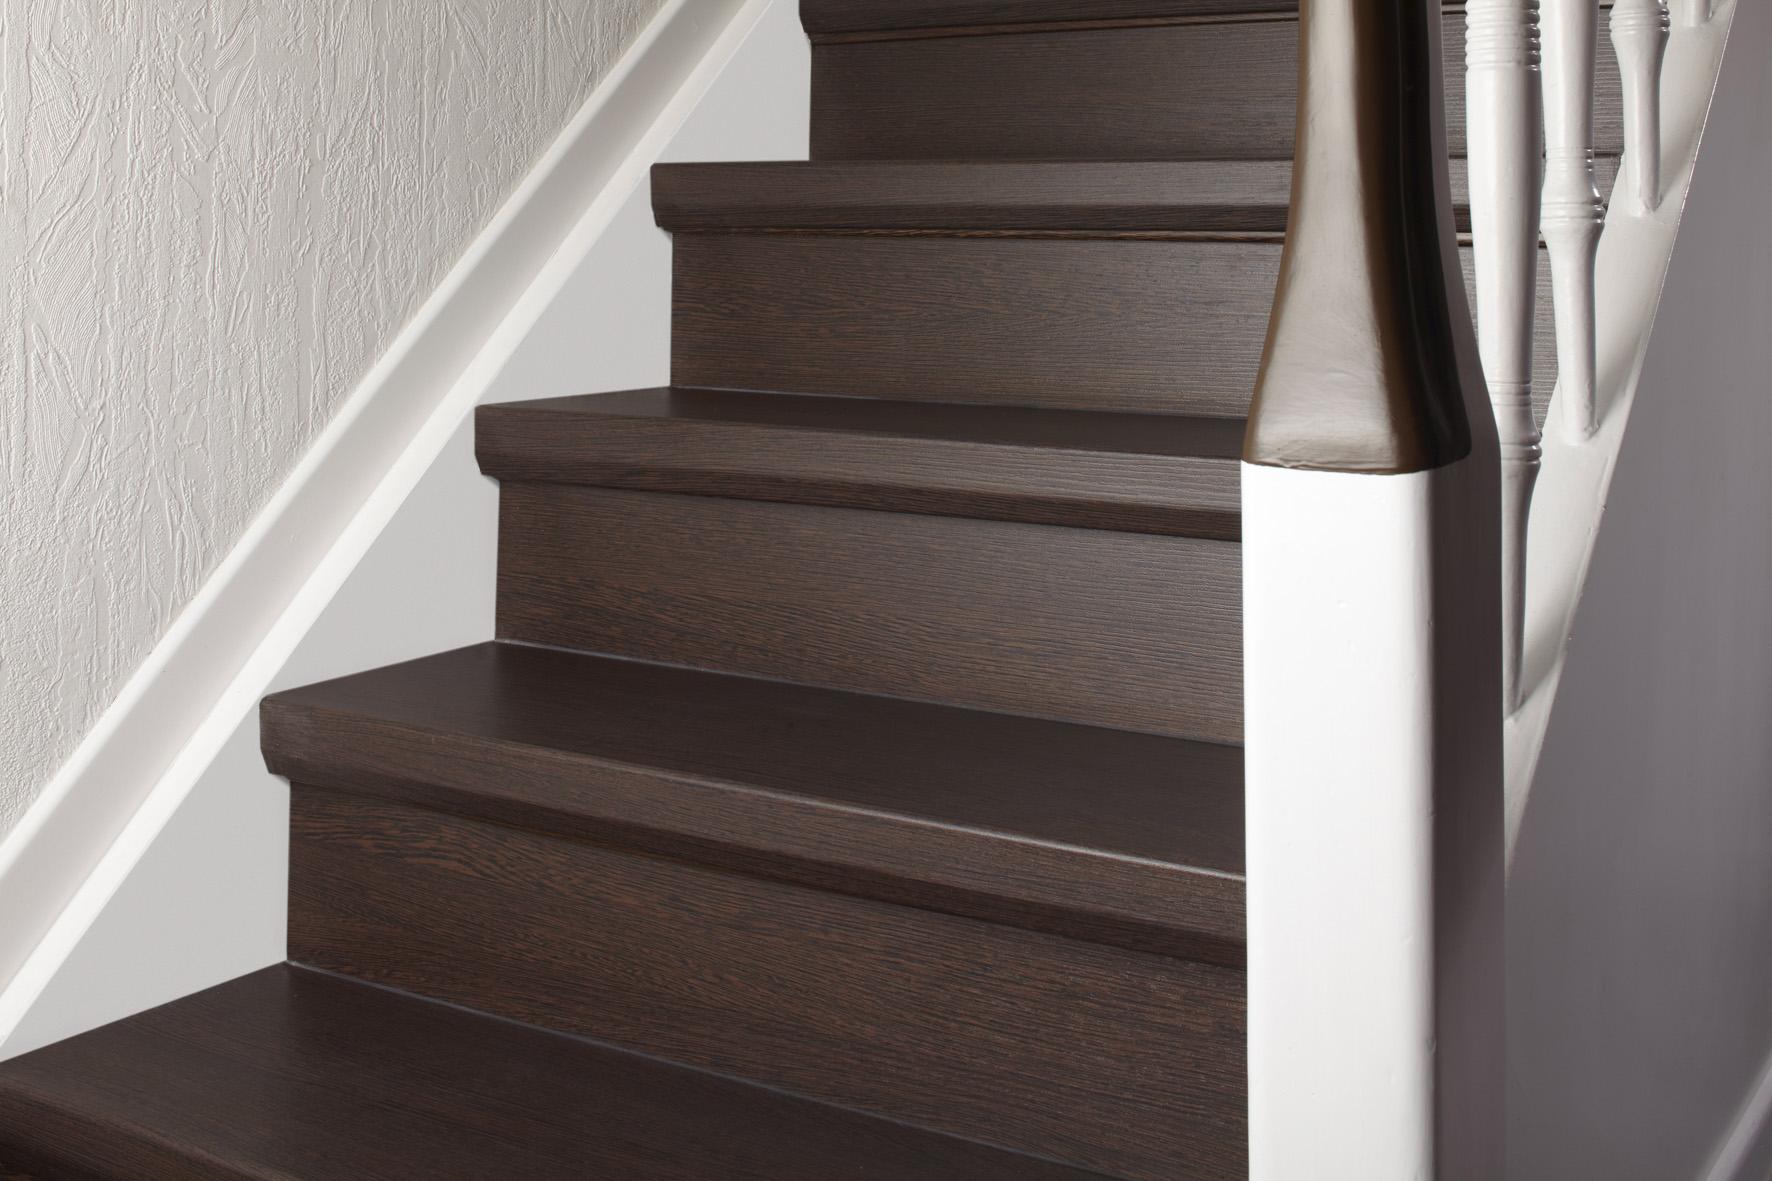 marches renov donnez un seconde vie votre escalier. Black Bedroom Furniture Sets. Home Design Ideas